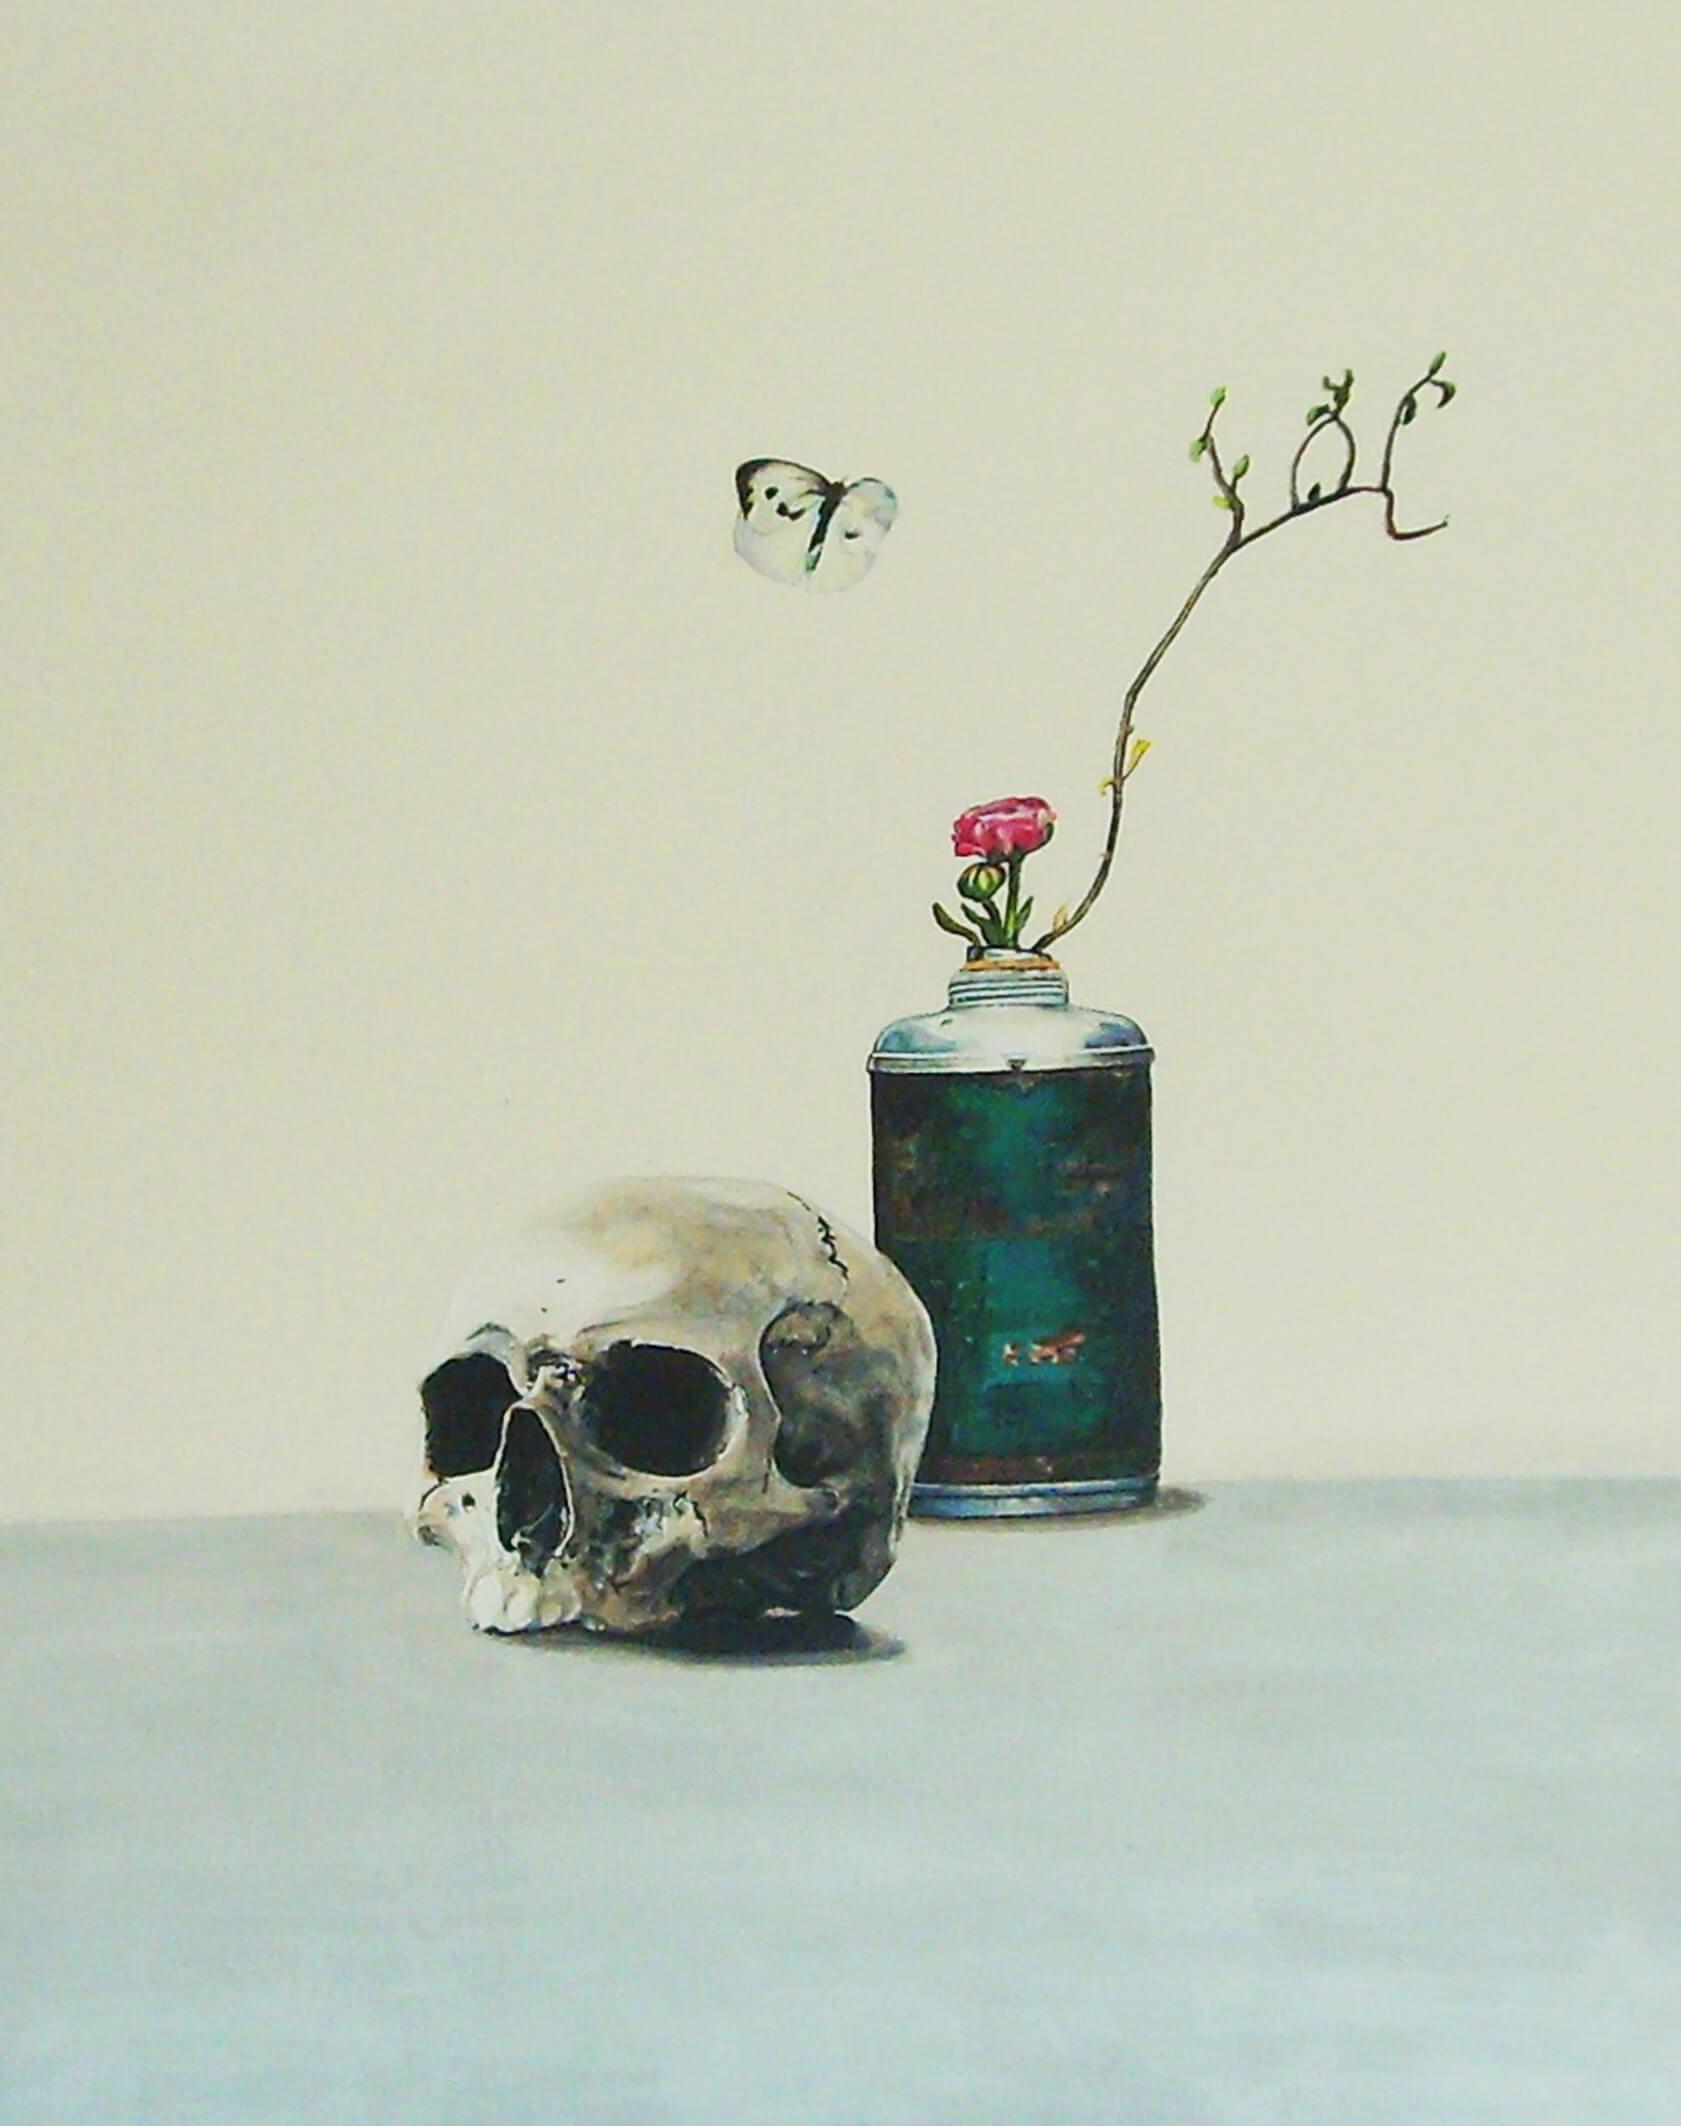 VERKAUFT, Serenity, 70 cm x 50 cm x 4 cm, signiert auf der Rueckseite, 2012